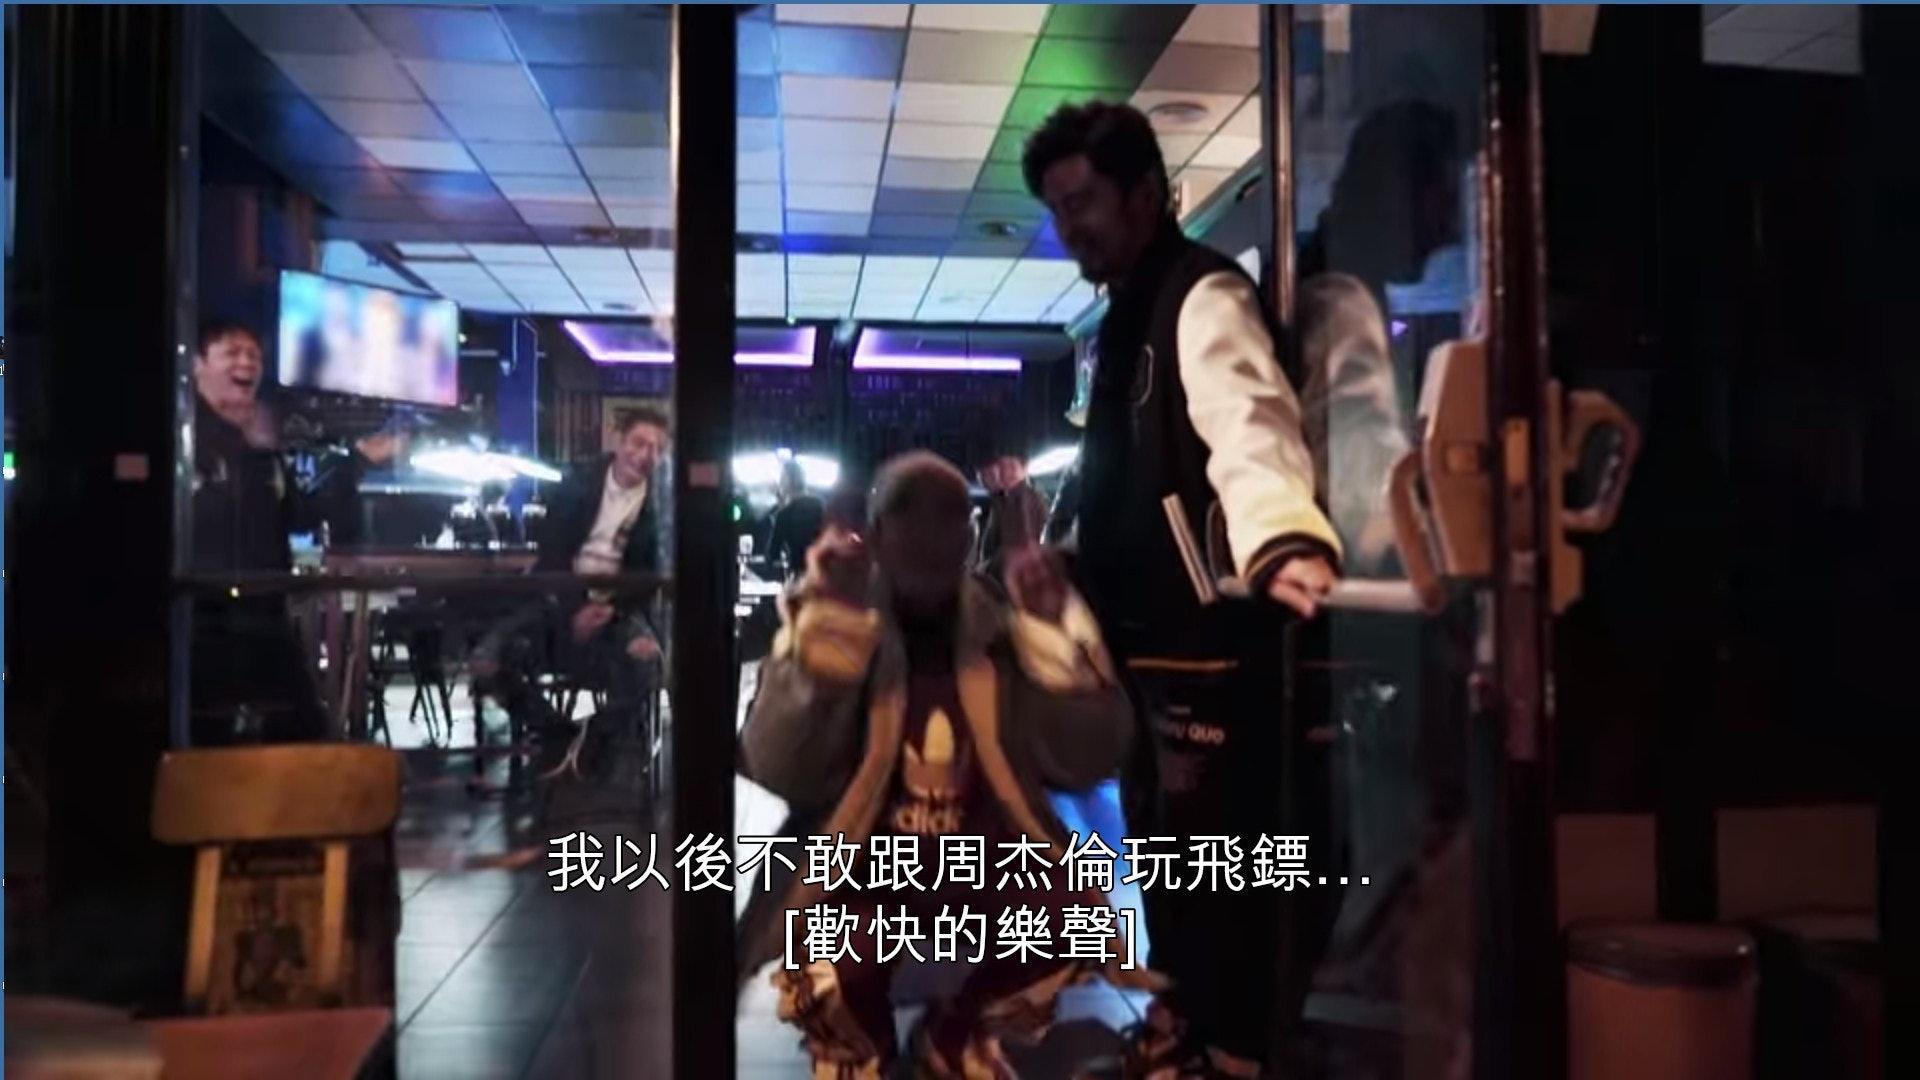 蕭敬騰因為在掟飛鏢比賽輸了,而要一邊兔仔跳跳出門口,一邊說:「我以後不敢跟周杰倫玩飛鏢。」(Netflix《周遊記》截圖)